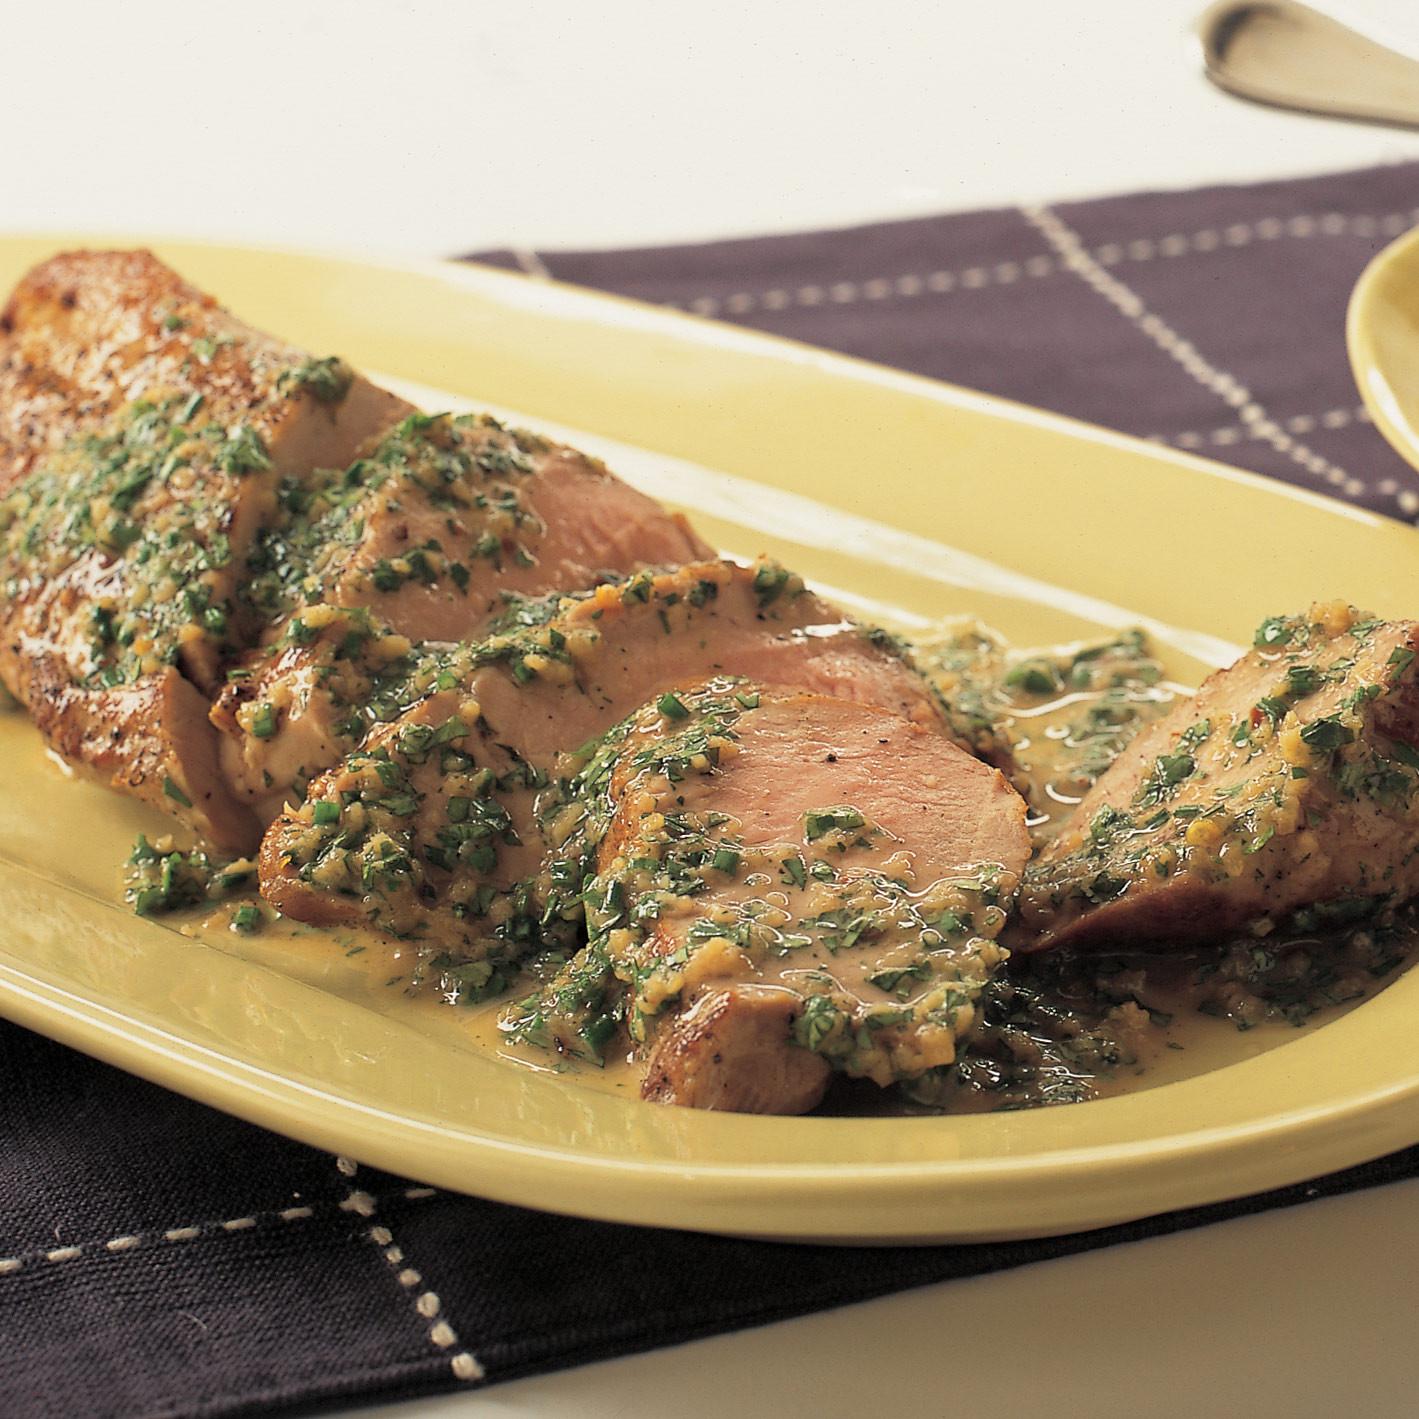 Pork Tenderloin In Oven  Pan Seared Oven Roasted Pork Tenderloins